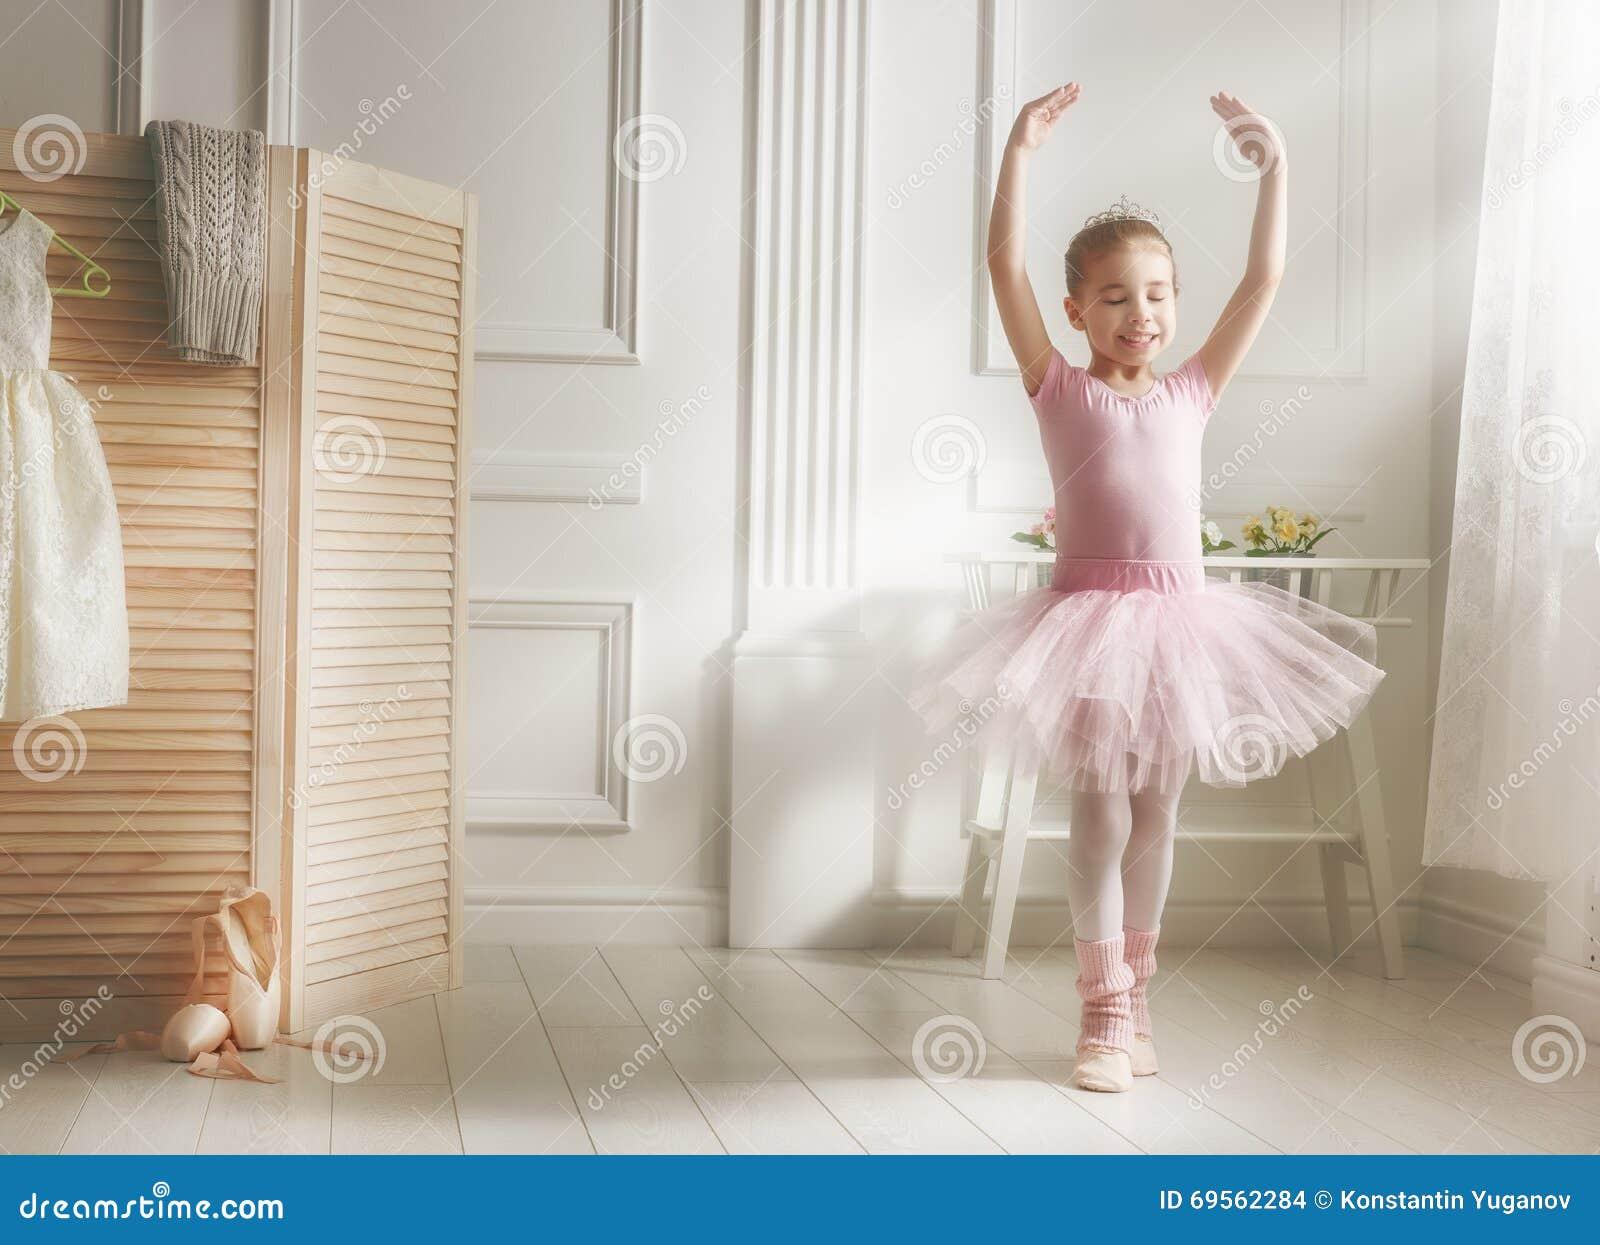 Flicka i en rosa ballerinakjol